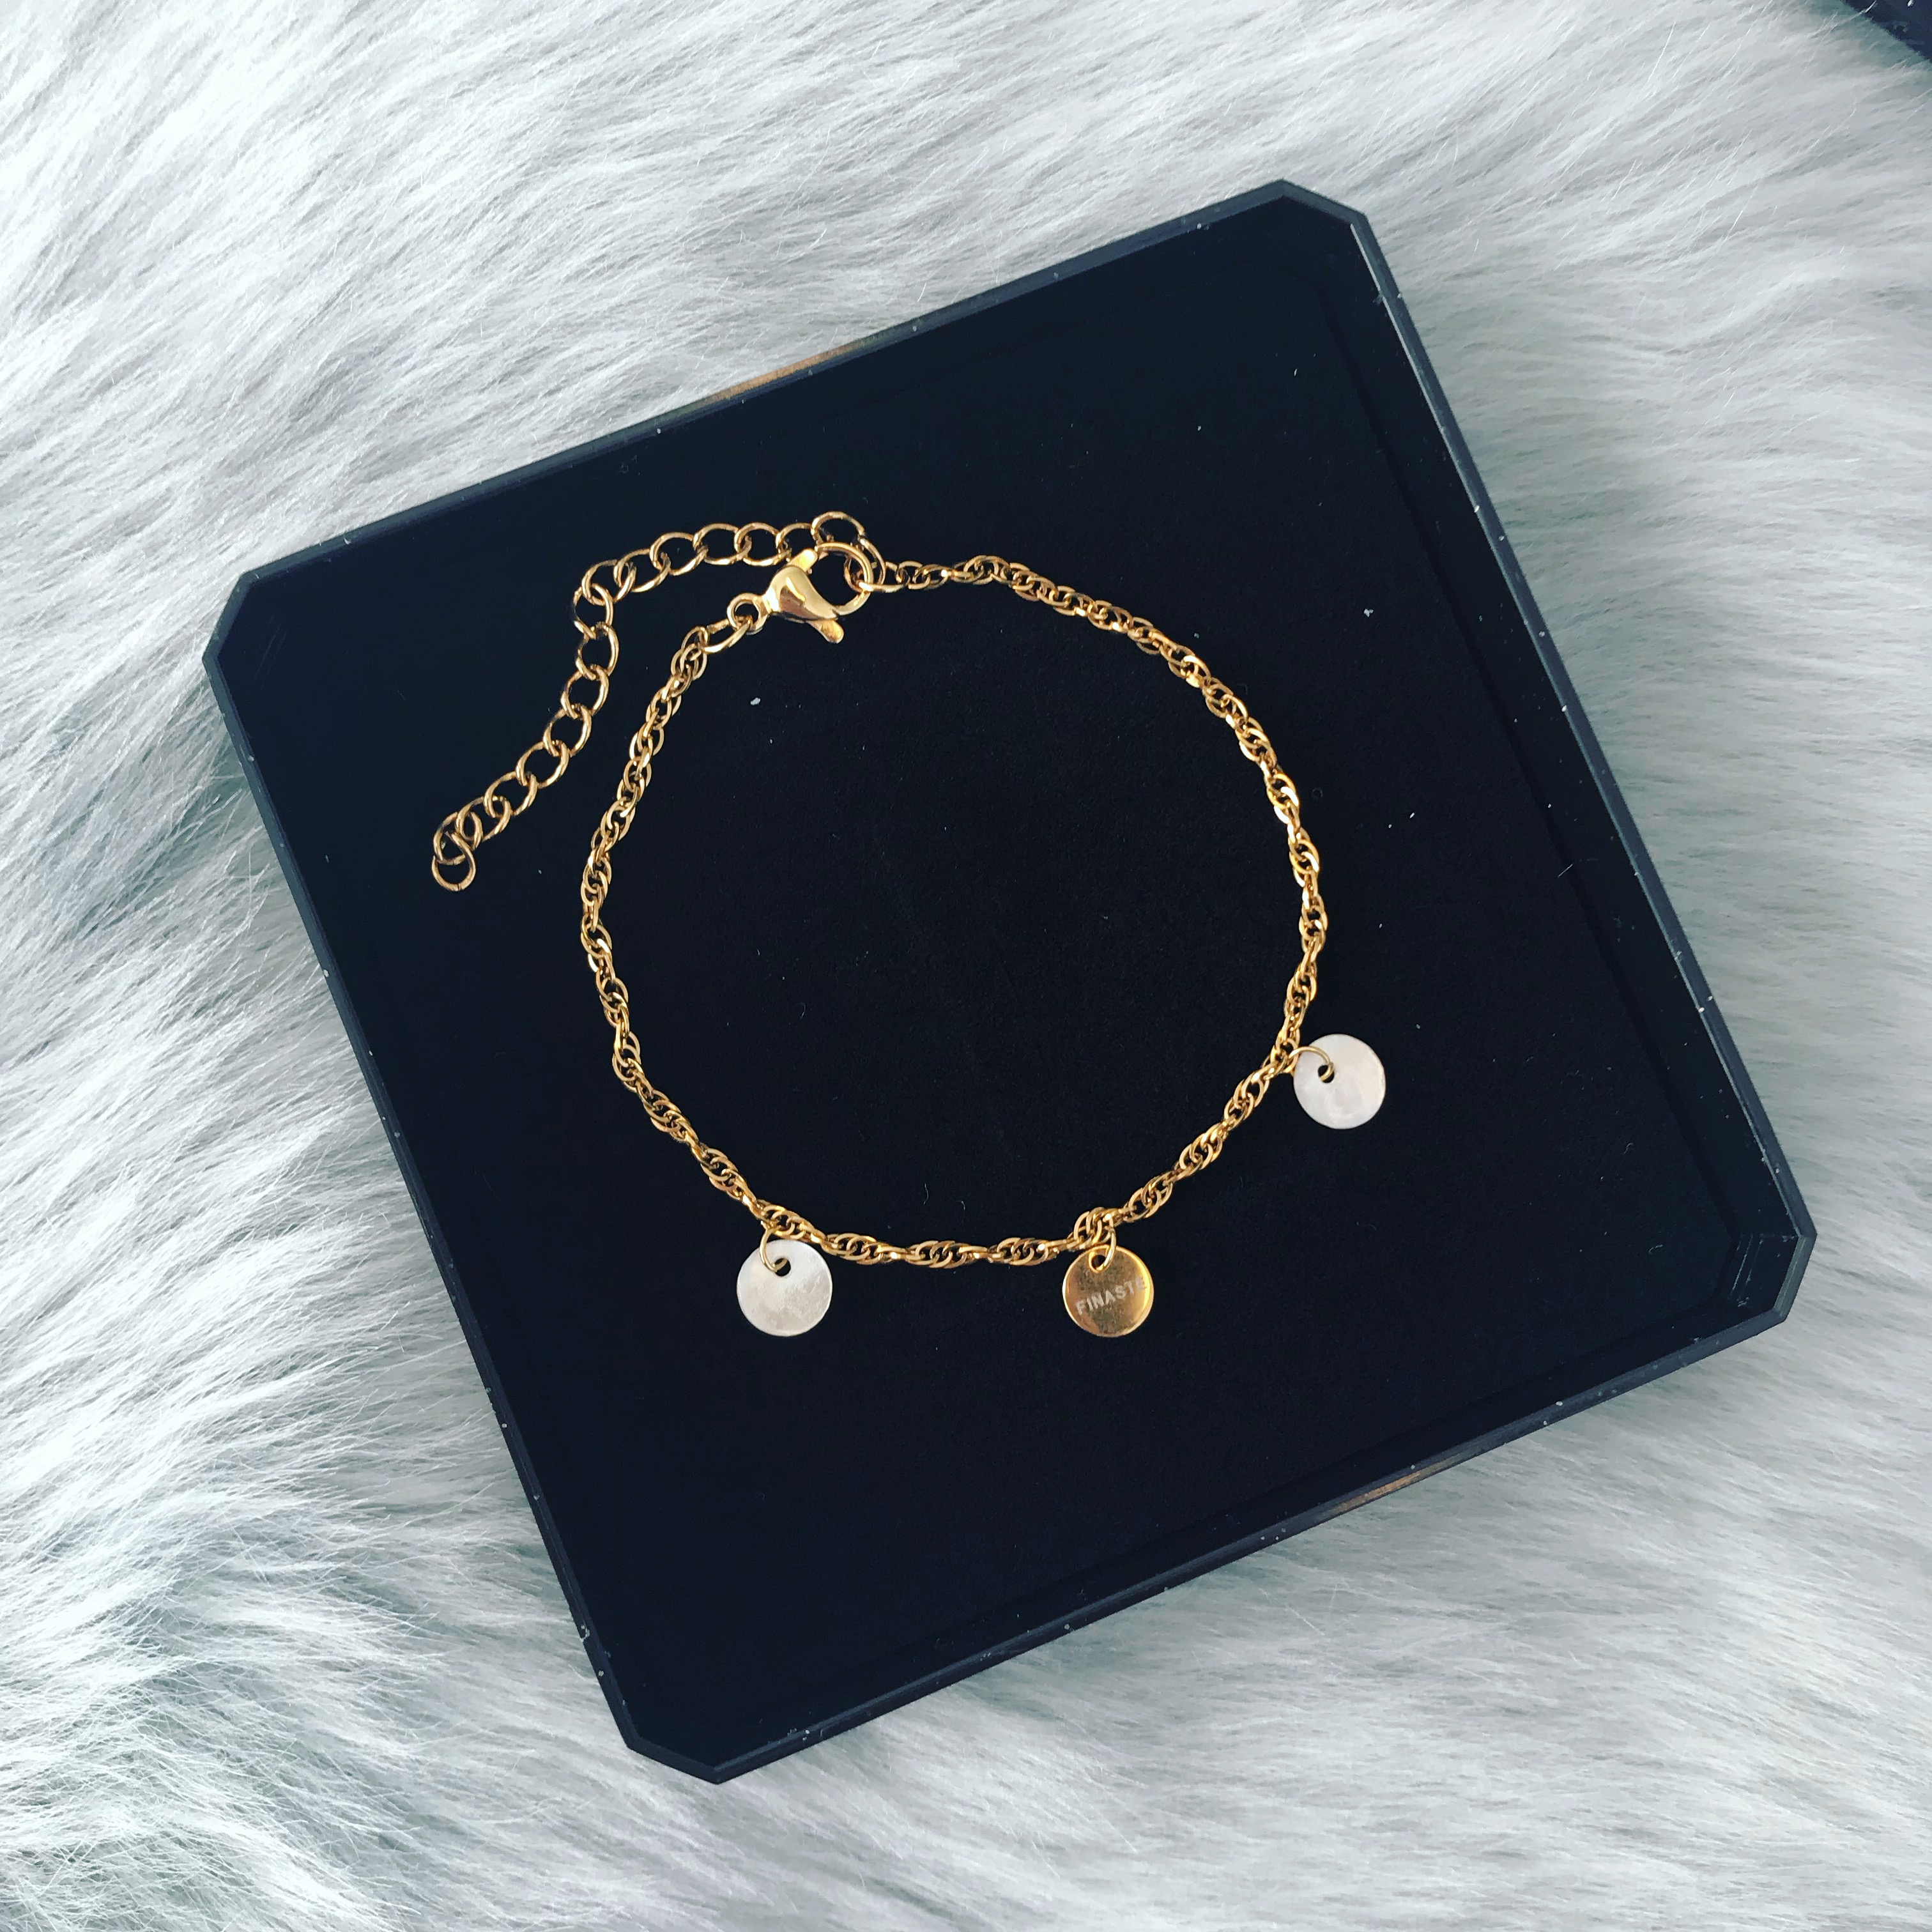 Gouden armbandje met schelpjes en muntje in sieradendoosje